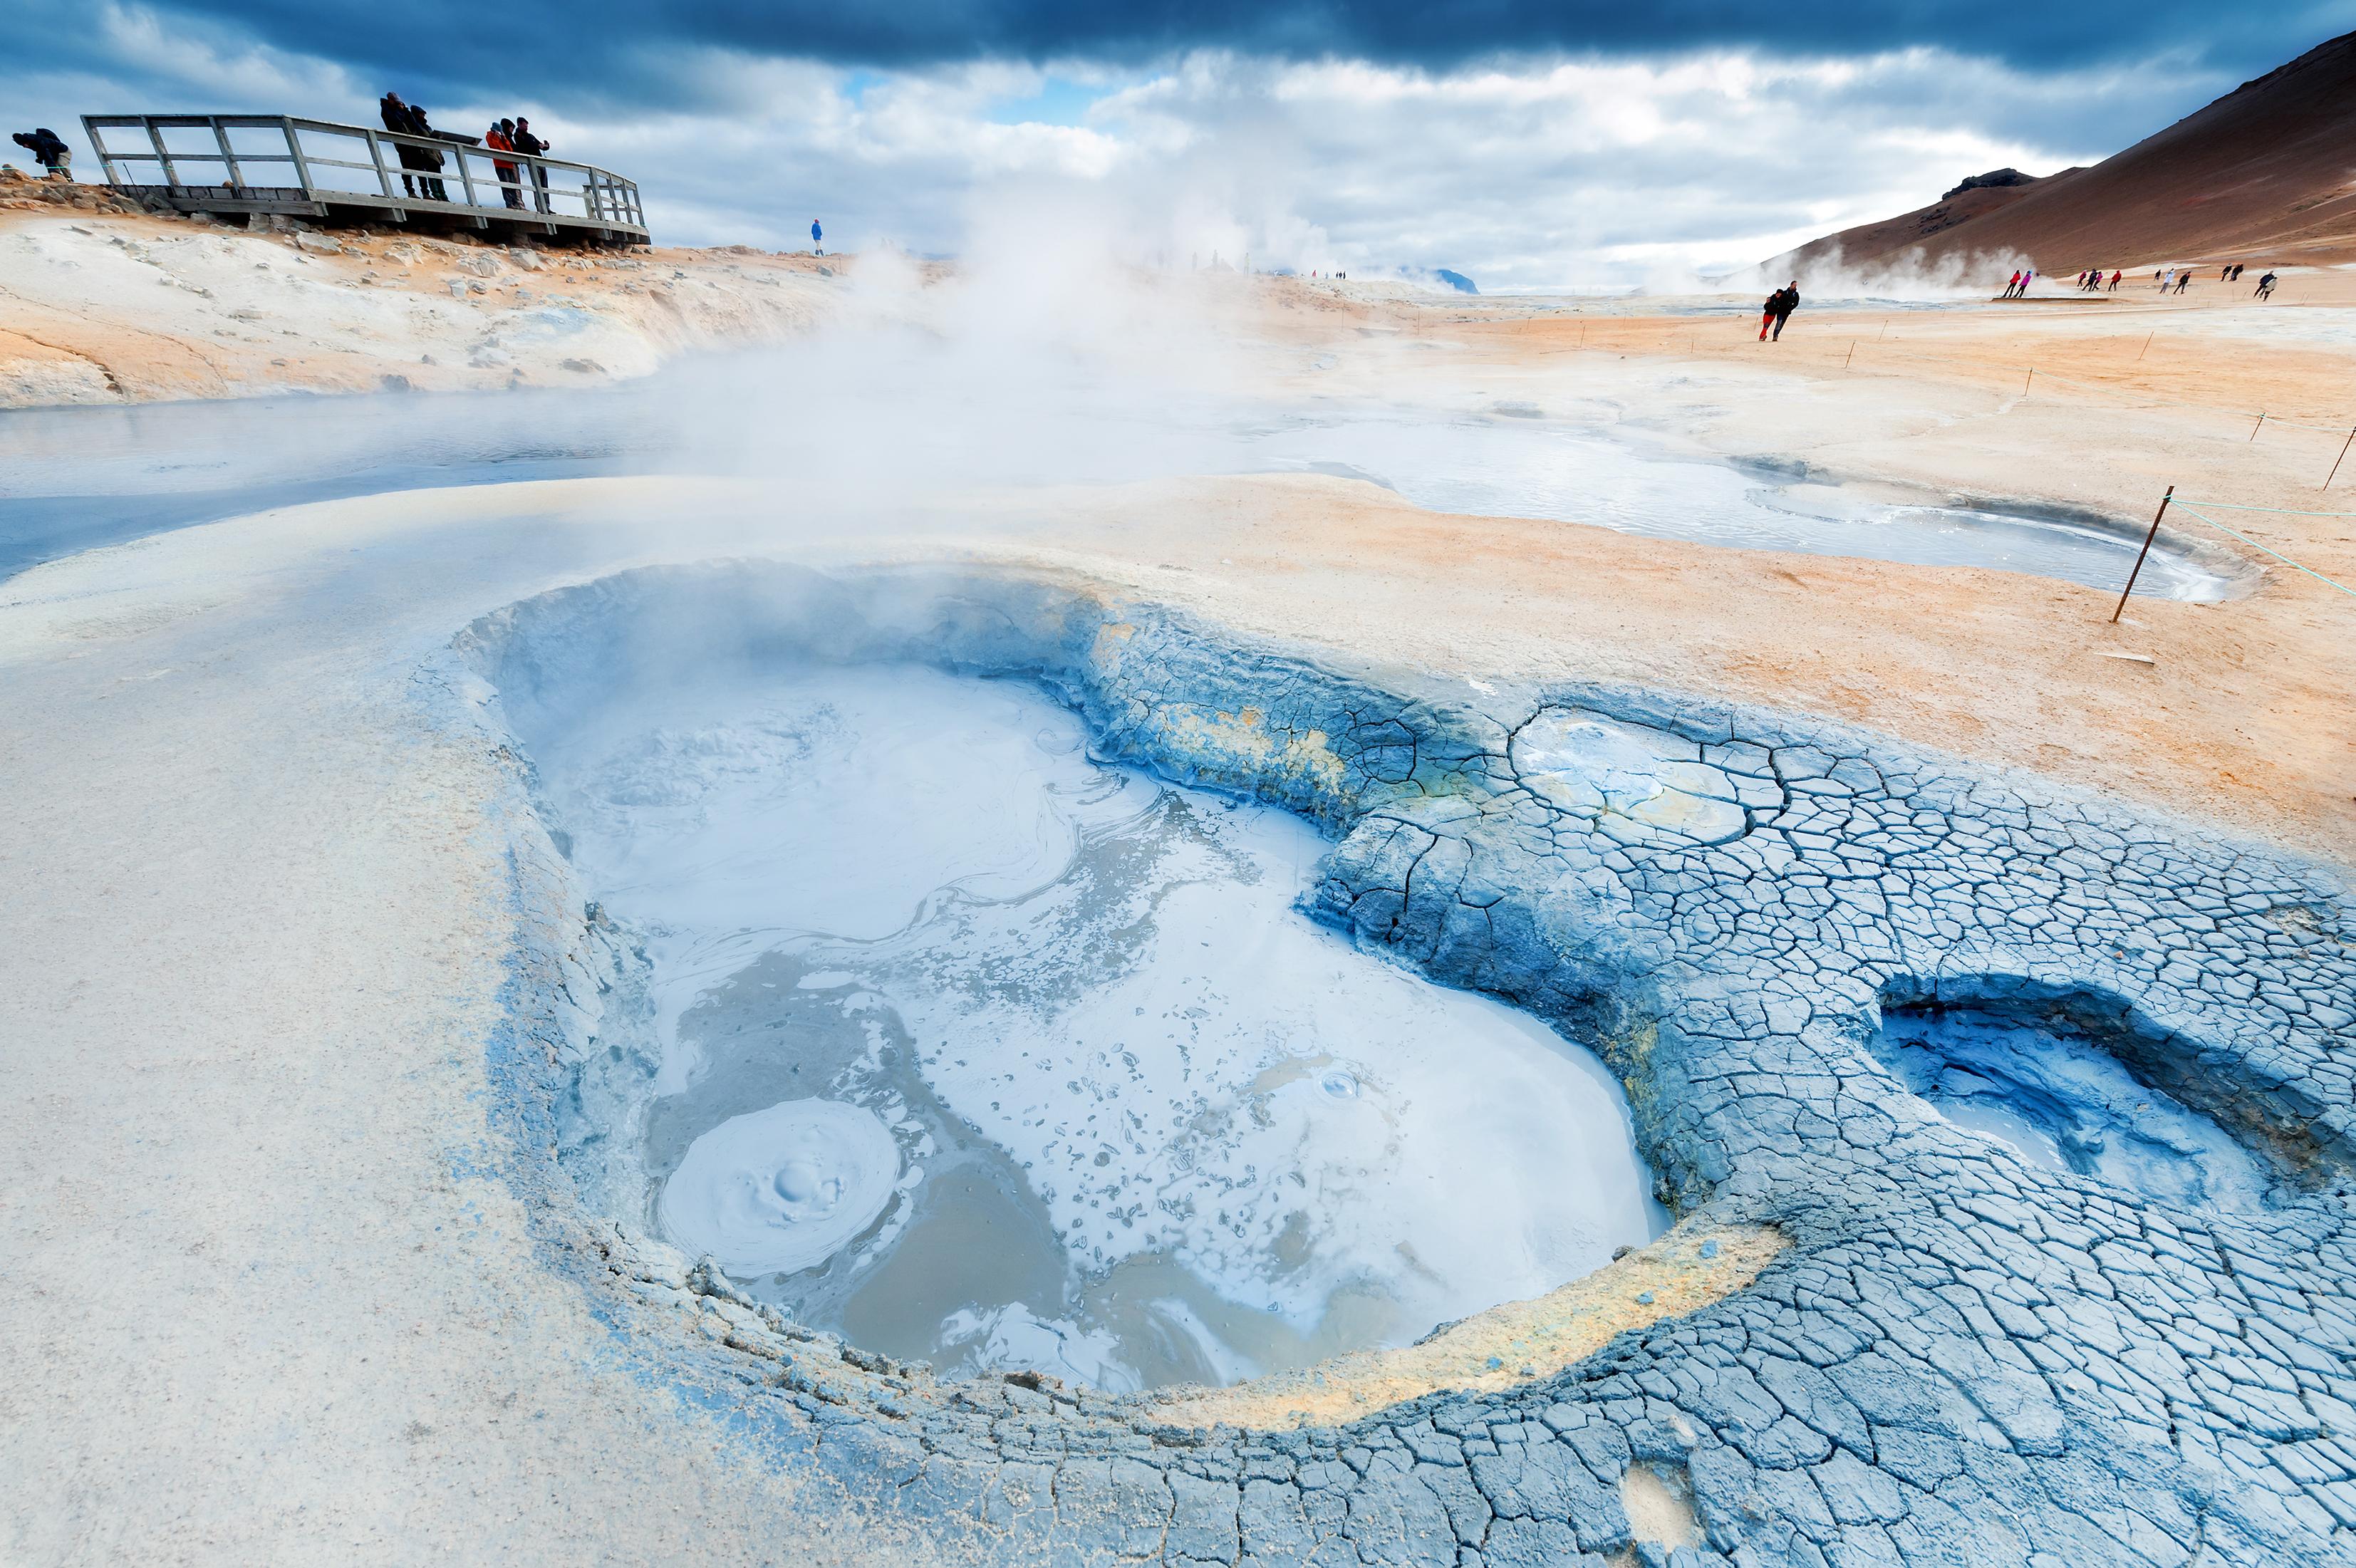 eine blubbernde Quelle im Gebiet von Myvatn, Schlammblubber der nach Schwefel riecht